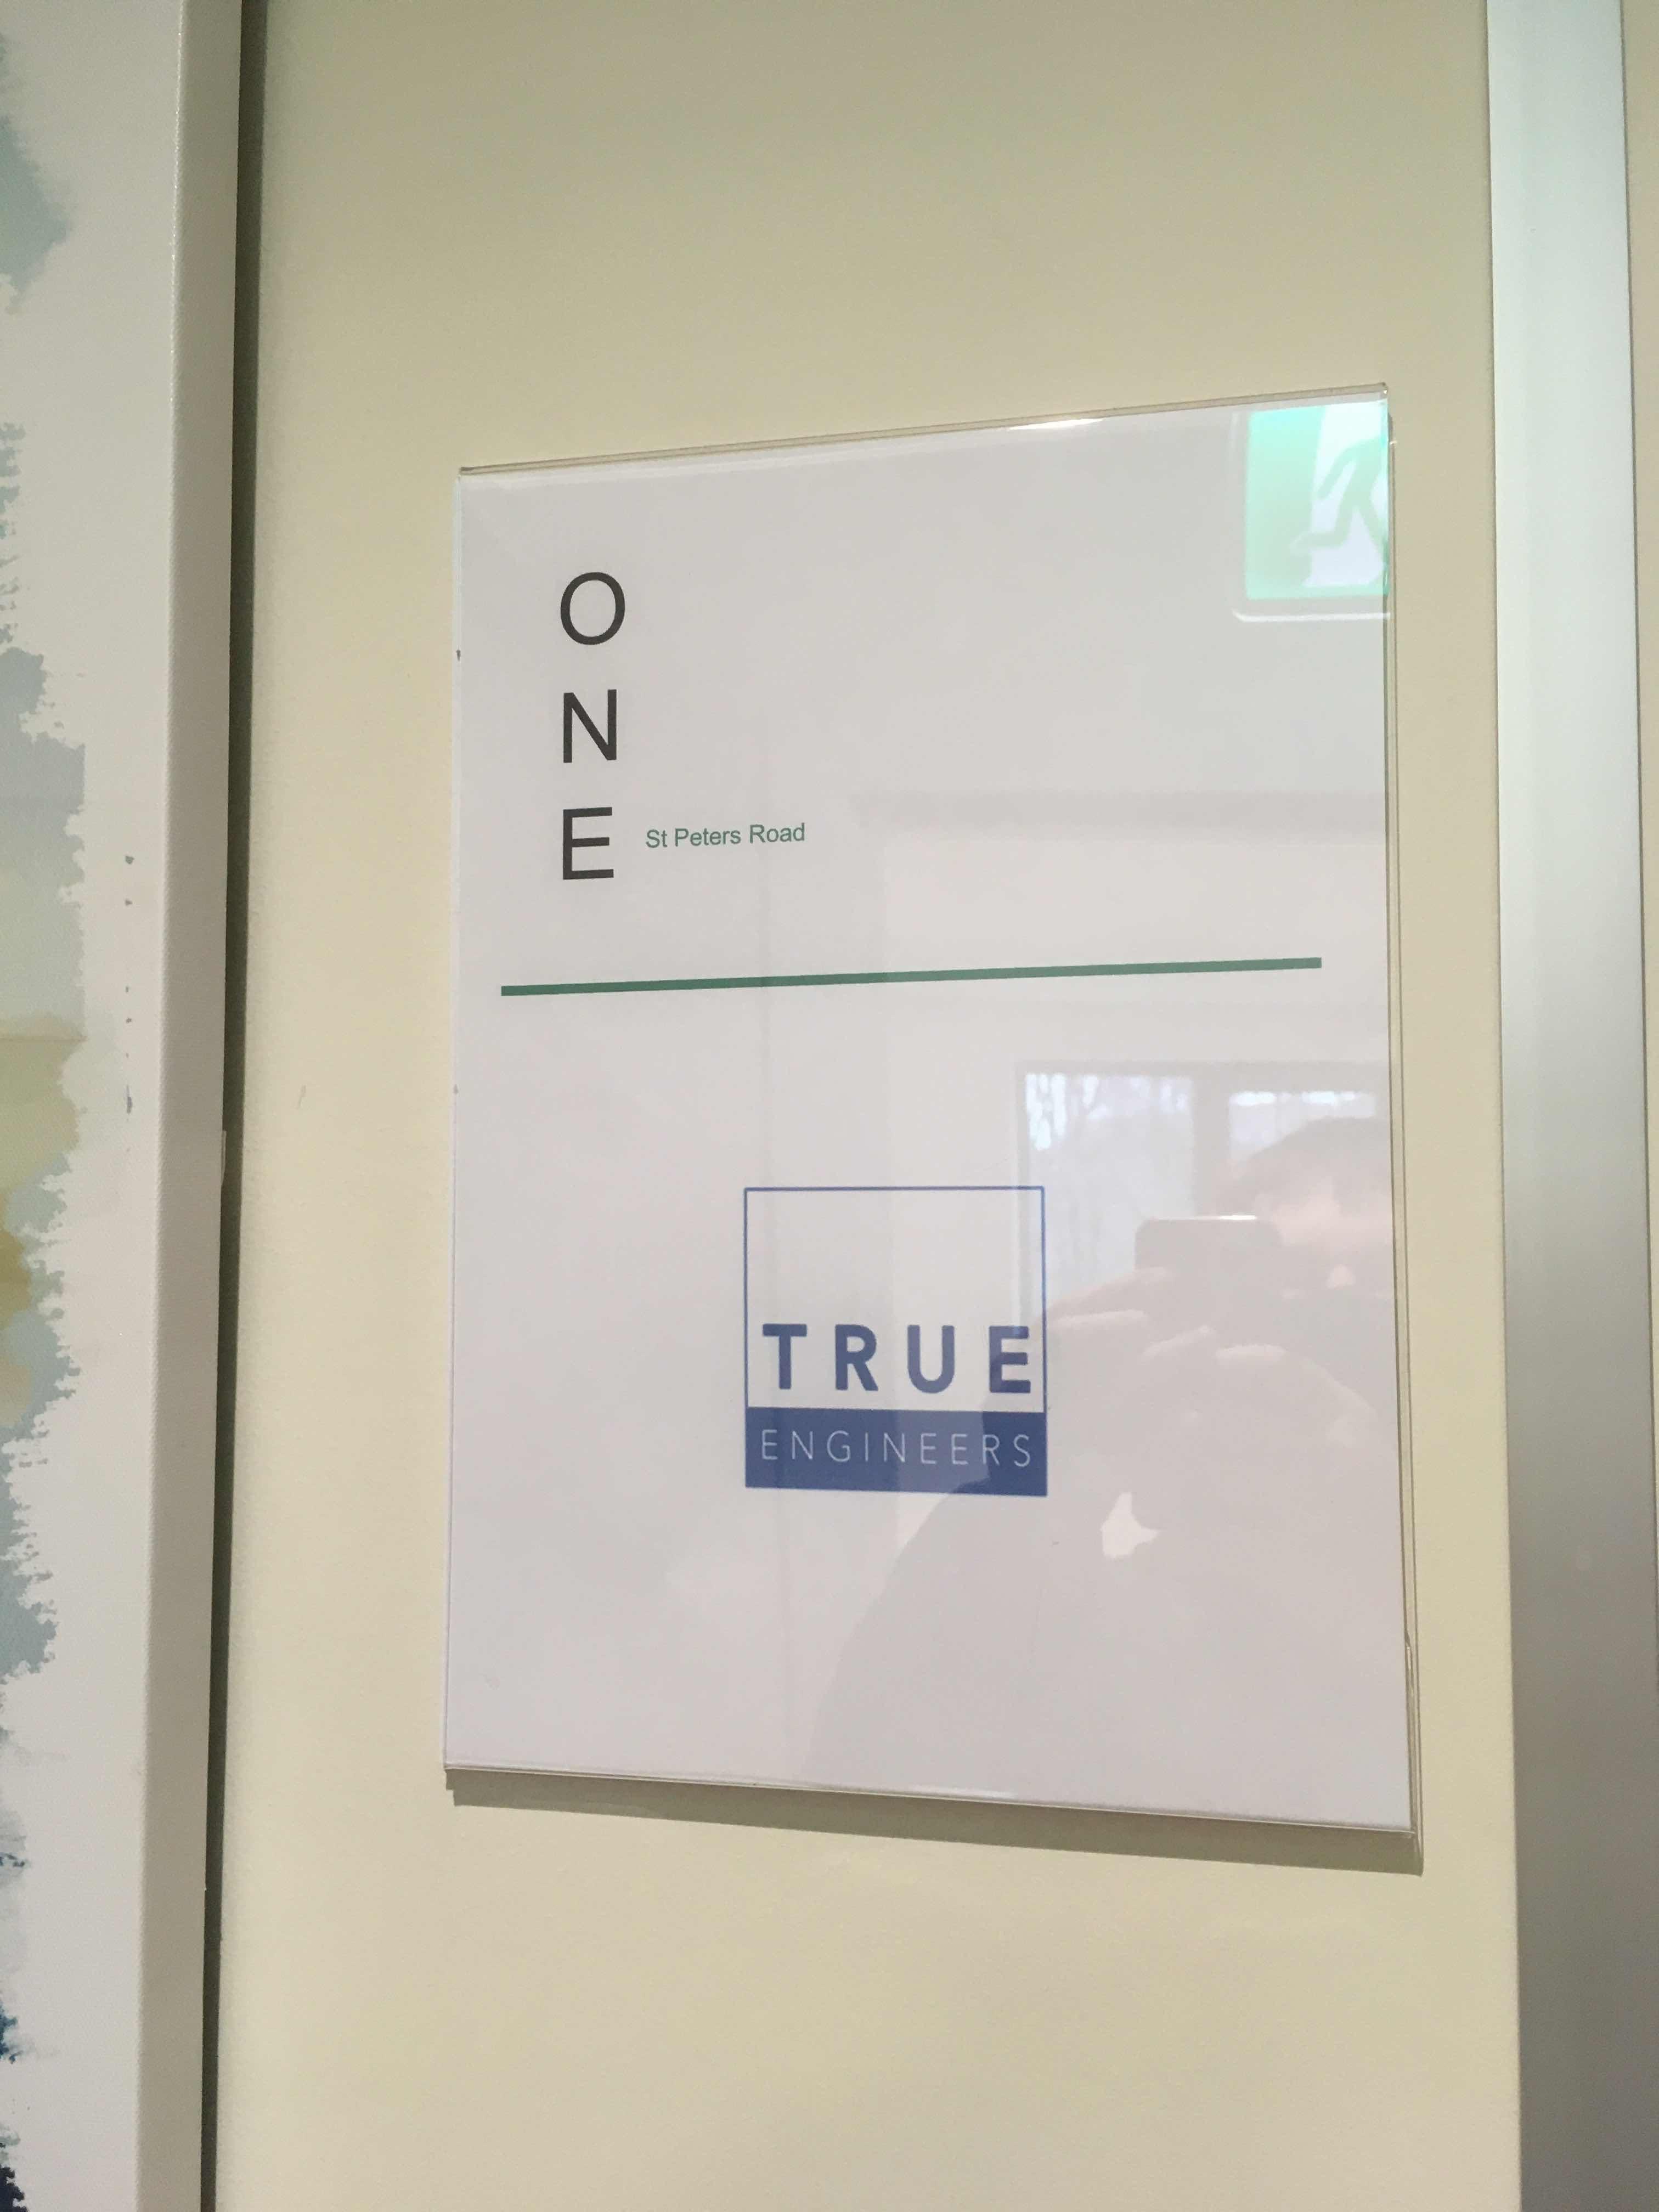 Worlds most amazing company chooses Furze Platt for global HQ!